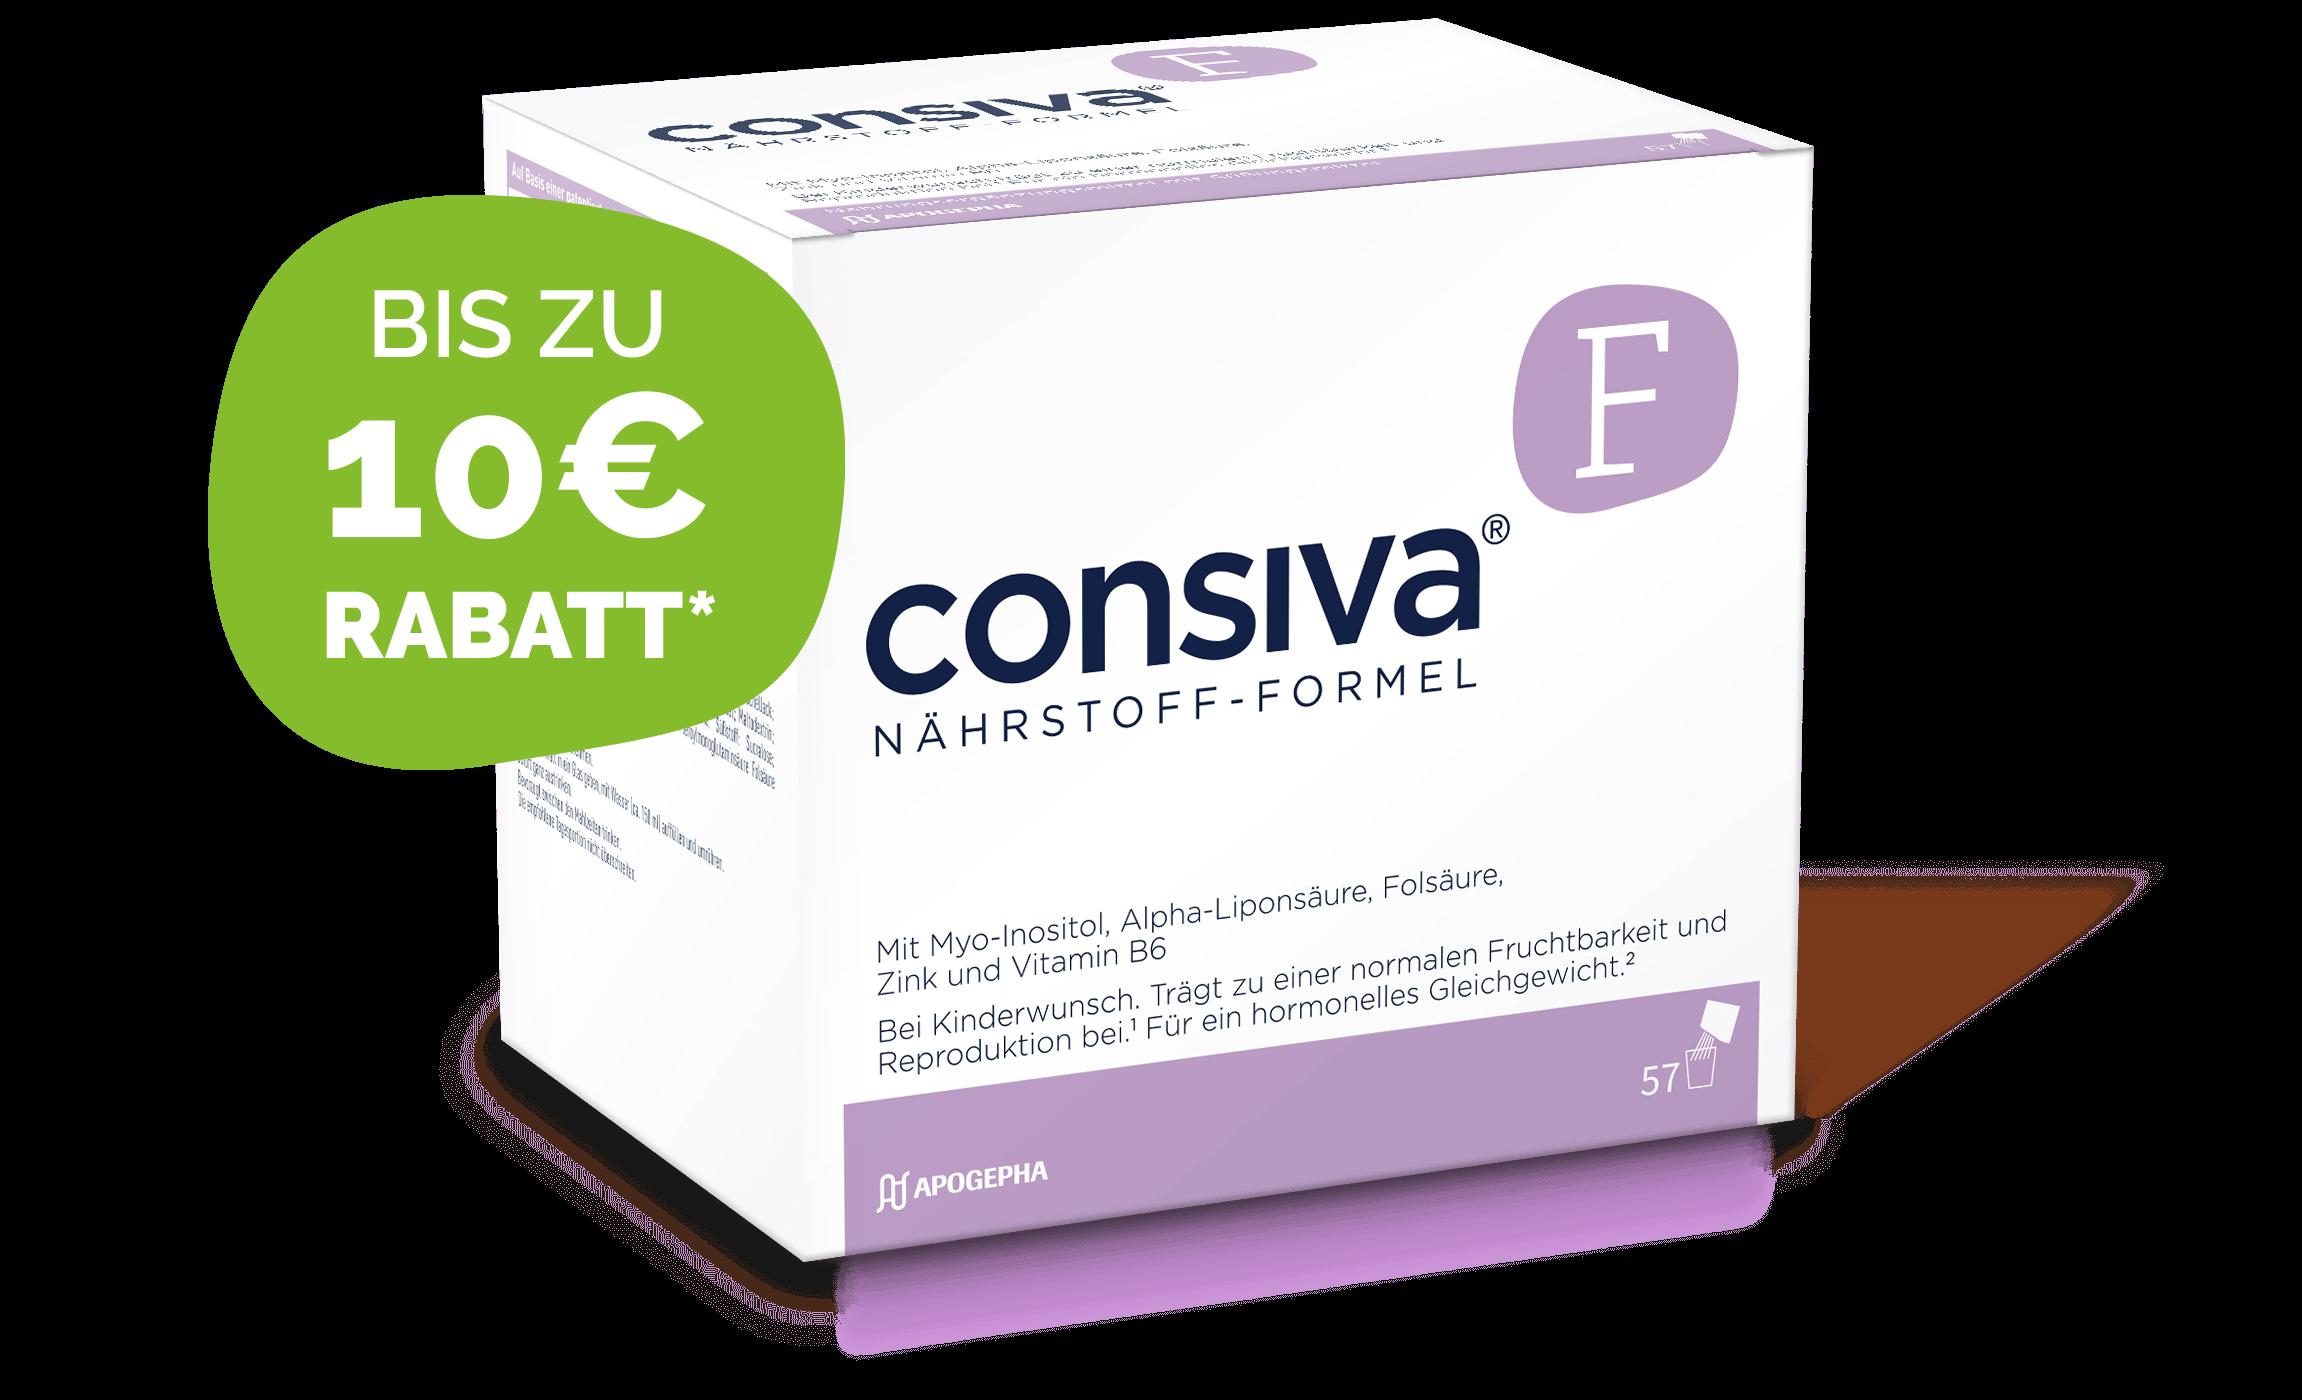 consiva® F Nährstoff-Formel